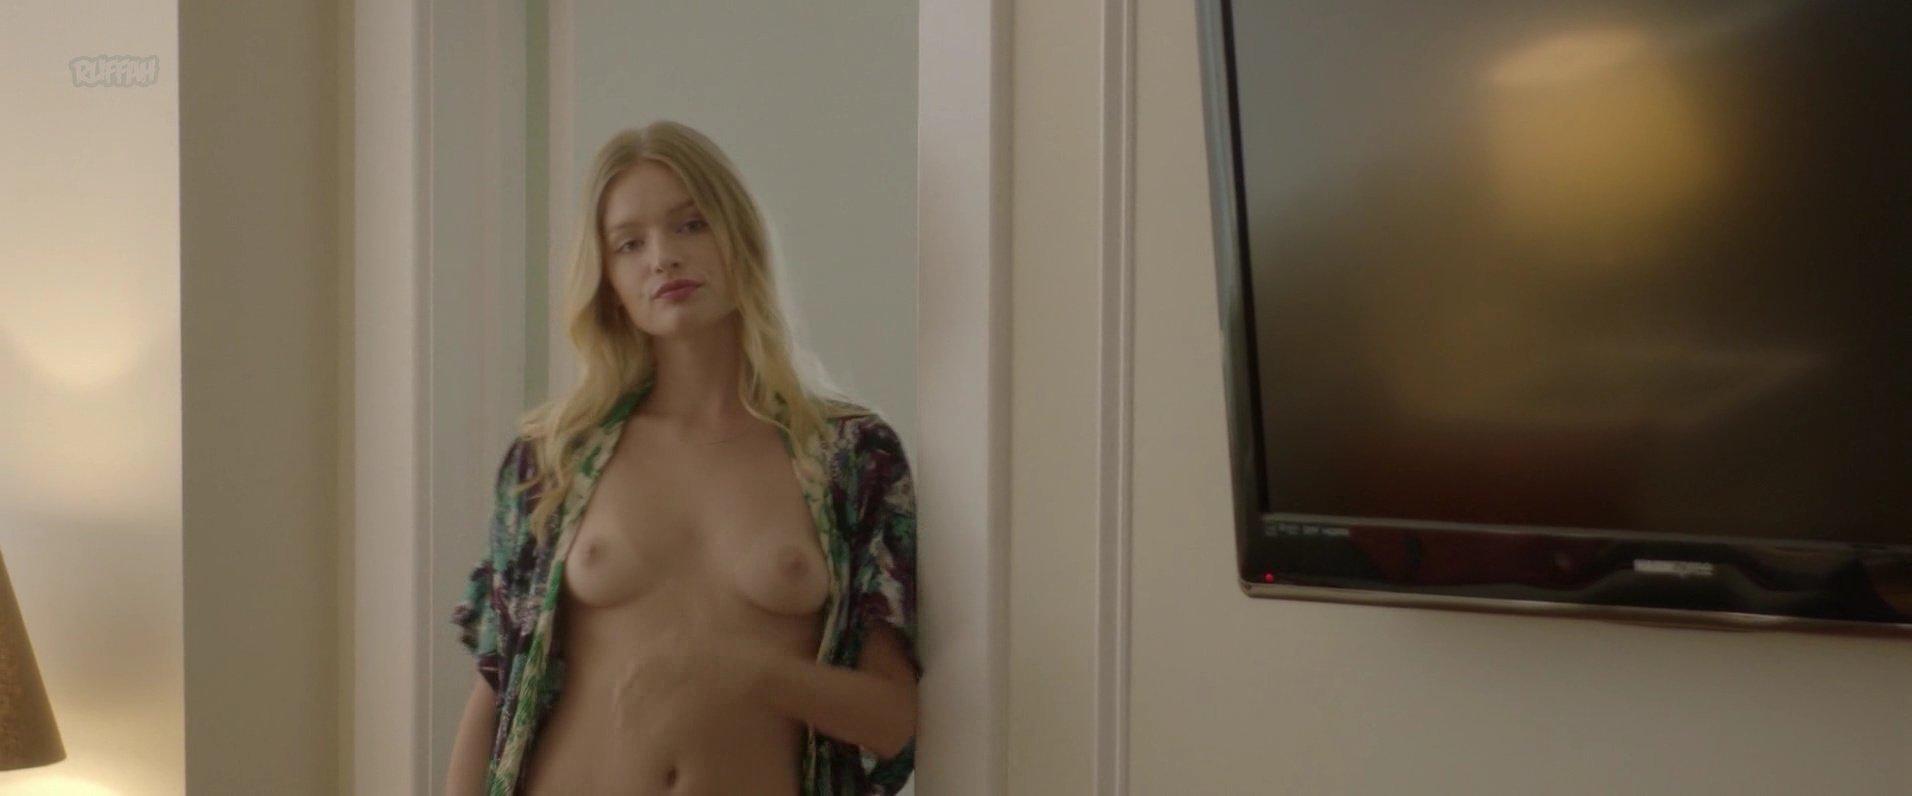 Isabella Farrell nude - Becks (2017)